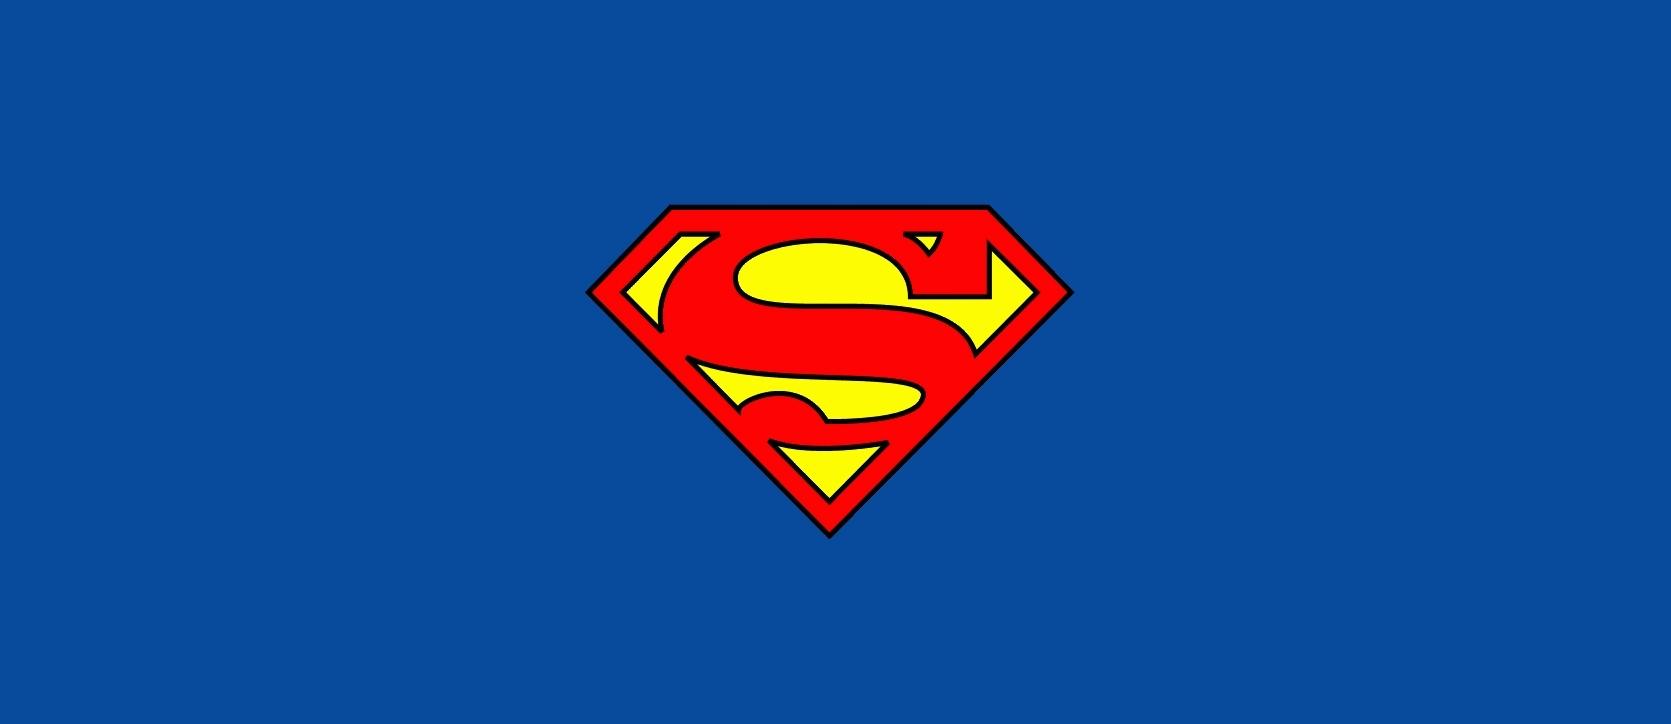 rocksteady-niega-estar-trabajando-en-un-juego-de-superman-frikigamers.com